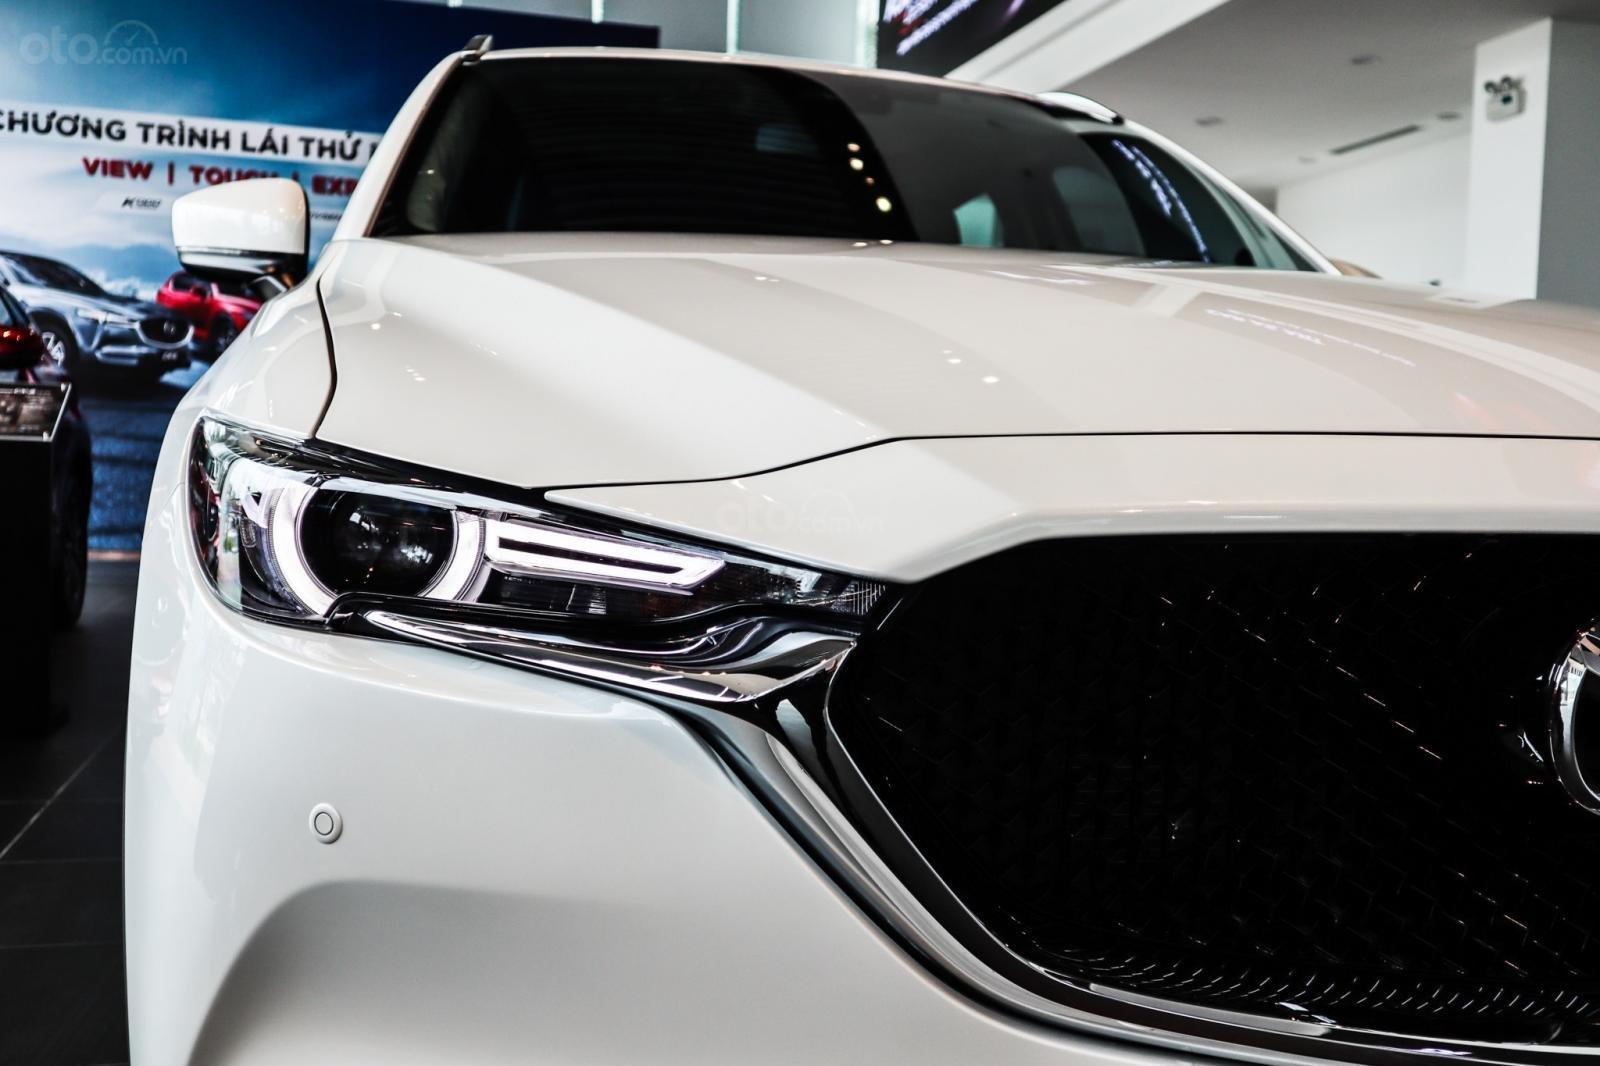 Bán Mazda CX5 giá từ 864tr, đủ màu, đủ phiên bản có xe giao ngay, liên hệ ngay với chúng tôi để được ưu đãi tốt nhất-7